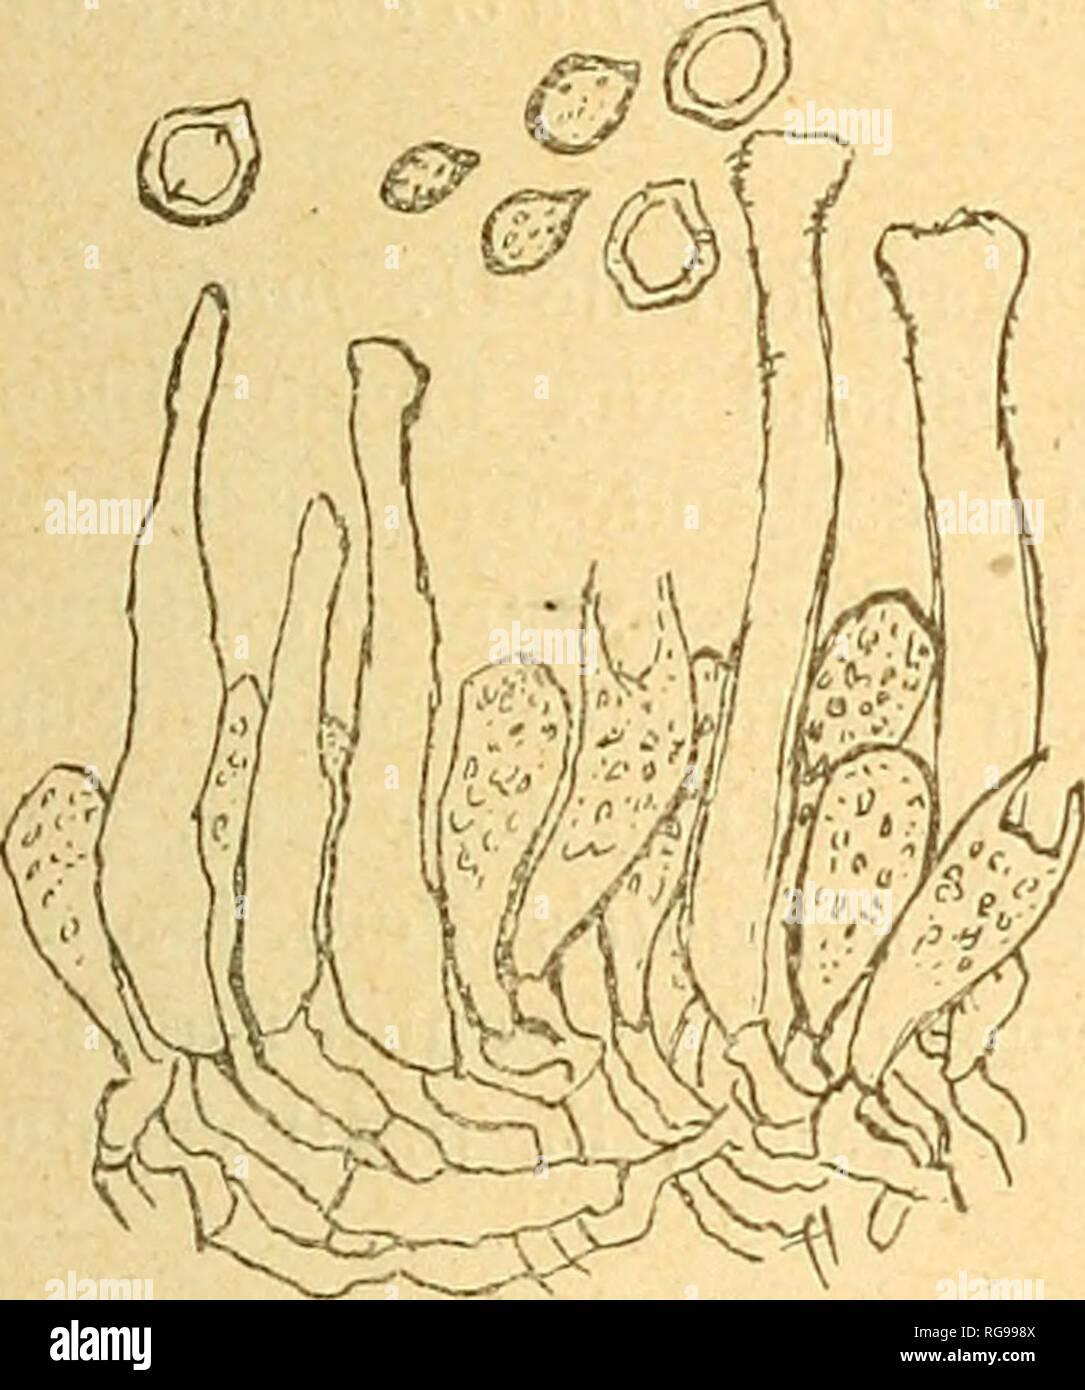 """. Bulletin trimestriel de la Société mycologique de France. Micologia; funghi; funghi. SUR QUELQUES HYMENOMYCETES. 73 corticioïde : hyphes ampullacées jusqu'à 7-9 fz ; spore obovfQes, finement spinuleuses, 5-7 x 3,5-4,5 [x. Le Cristella cristata Pat. est établi sur le Merisma cristatum Pers. qui un été rapporté aussi à Sebacina laciniata et à Thelephora spiciilosa ; mais les termes du sinossi Â"""" pallidum, odore et sapore mucidum n, et surtout le mot Â"""" subcoriaceum Â"""" de Pers, M. E. I., p. 153, mon- Trento qu'il s'agit bien du Sahacina laciniata. Peniophora abietis B. et G. var. pinastr Foto Stock"""